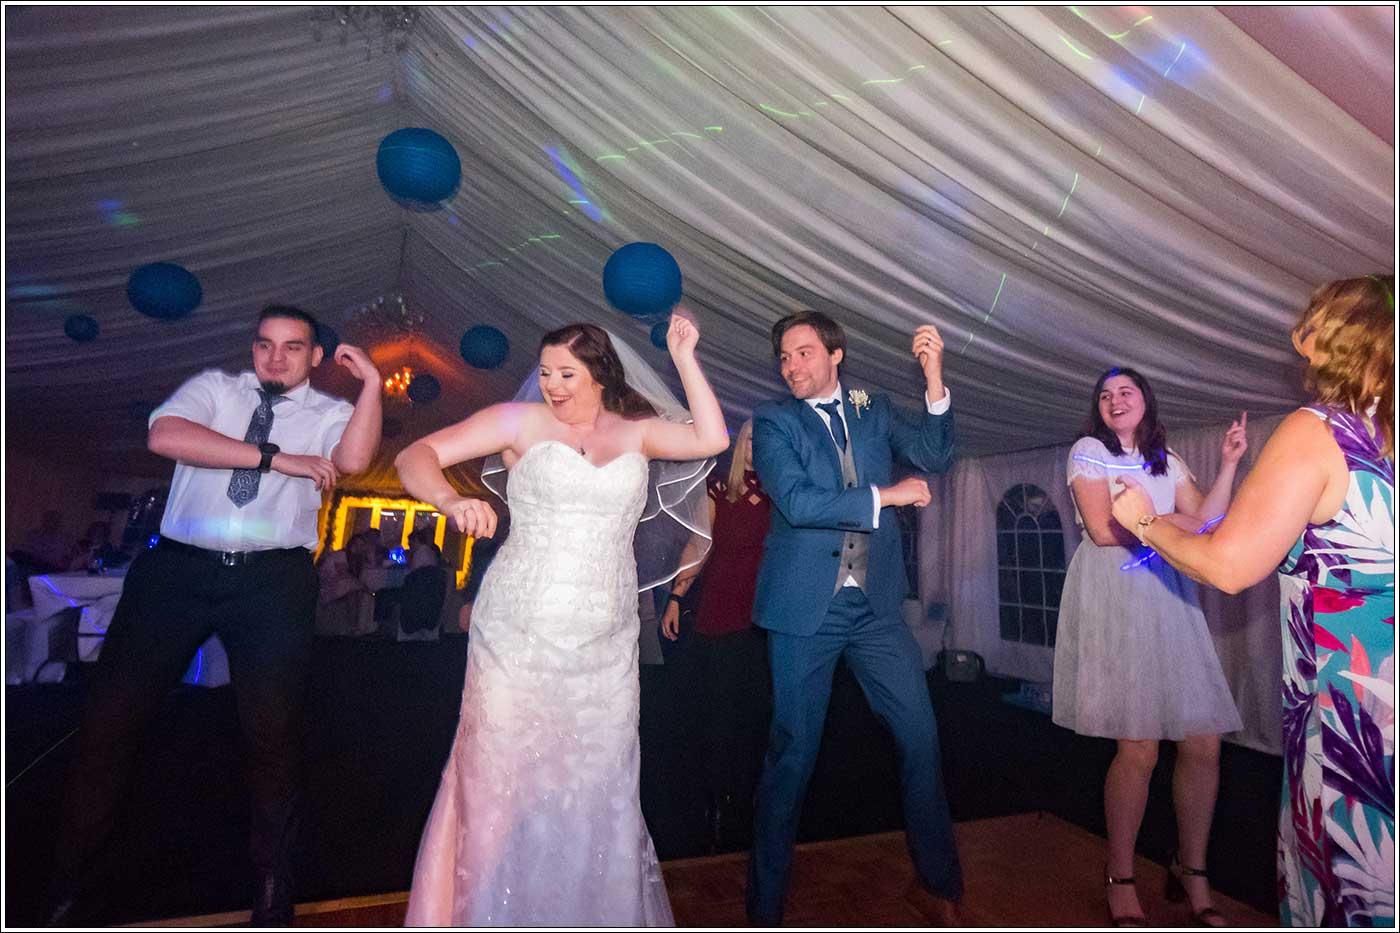 Bride, groom and guests on dancefloor